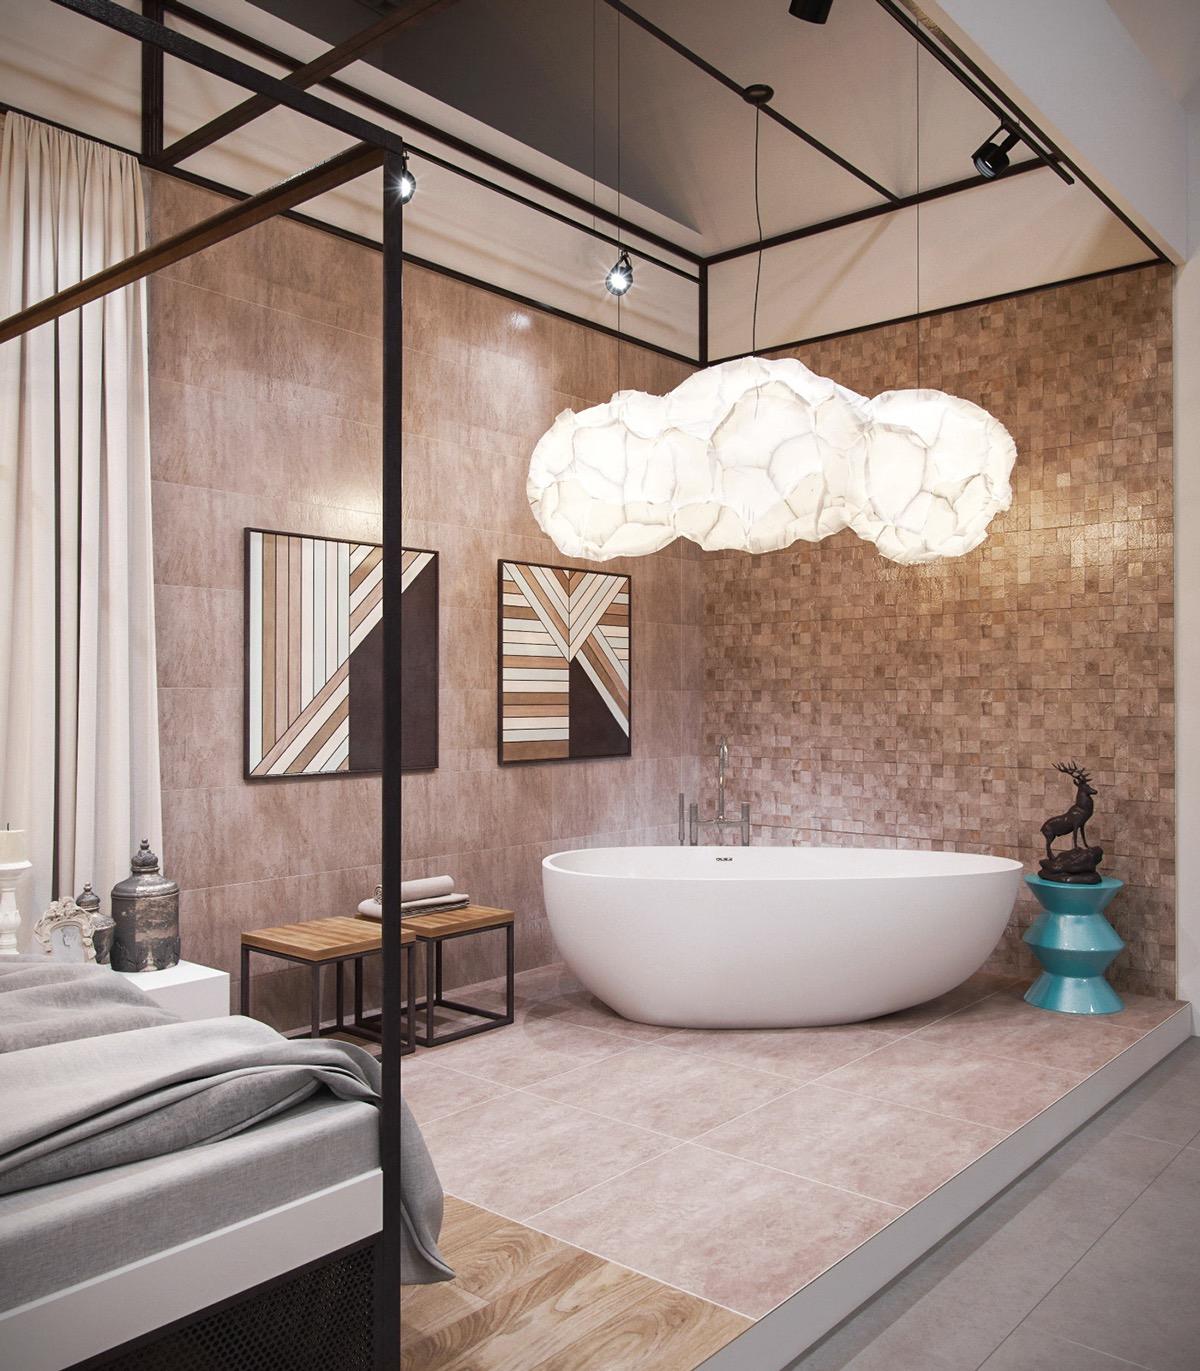 Ngoài công dụng giúp bạn thư giãn, ngâm mình trong nước, giảm bớt những căng thẳng, mệt mỏi thì bồn tắm còn mang đến bạn không gian thư giãn hoàn hảo